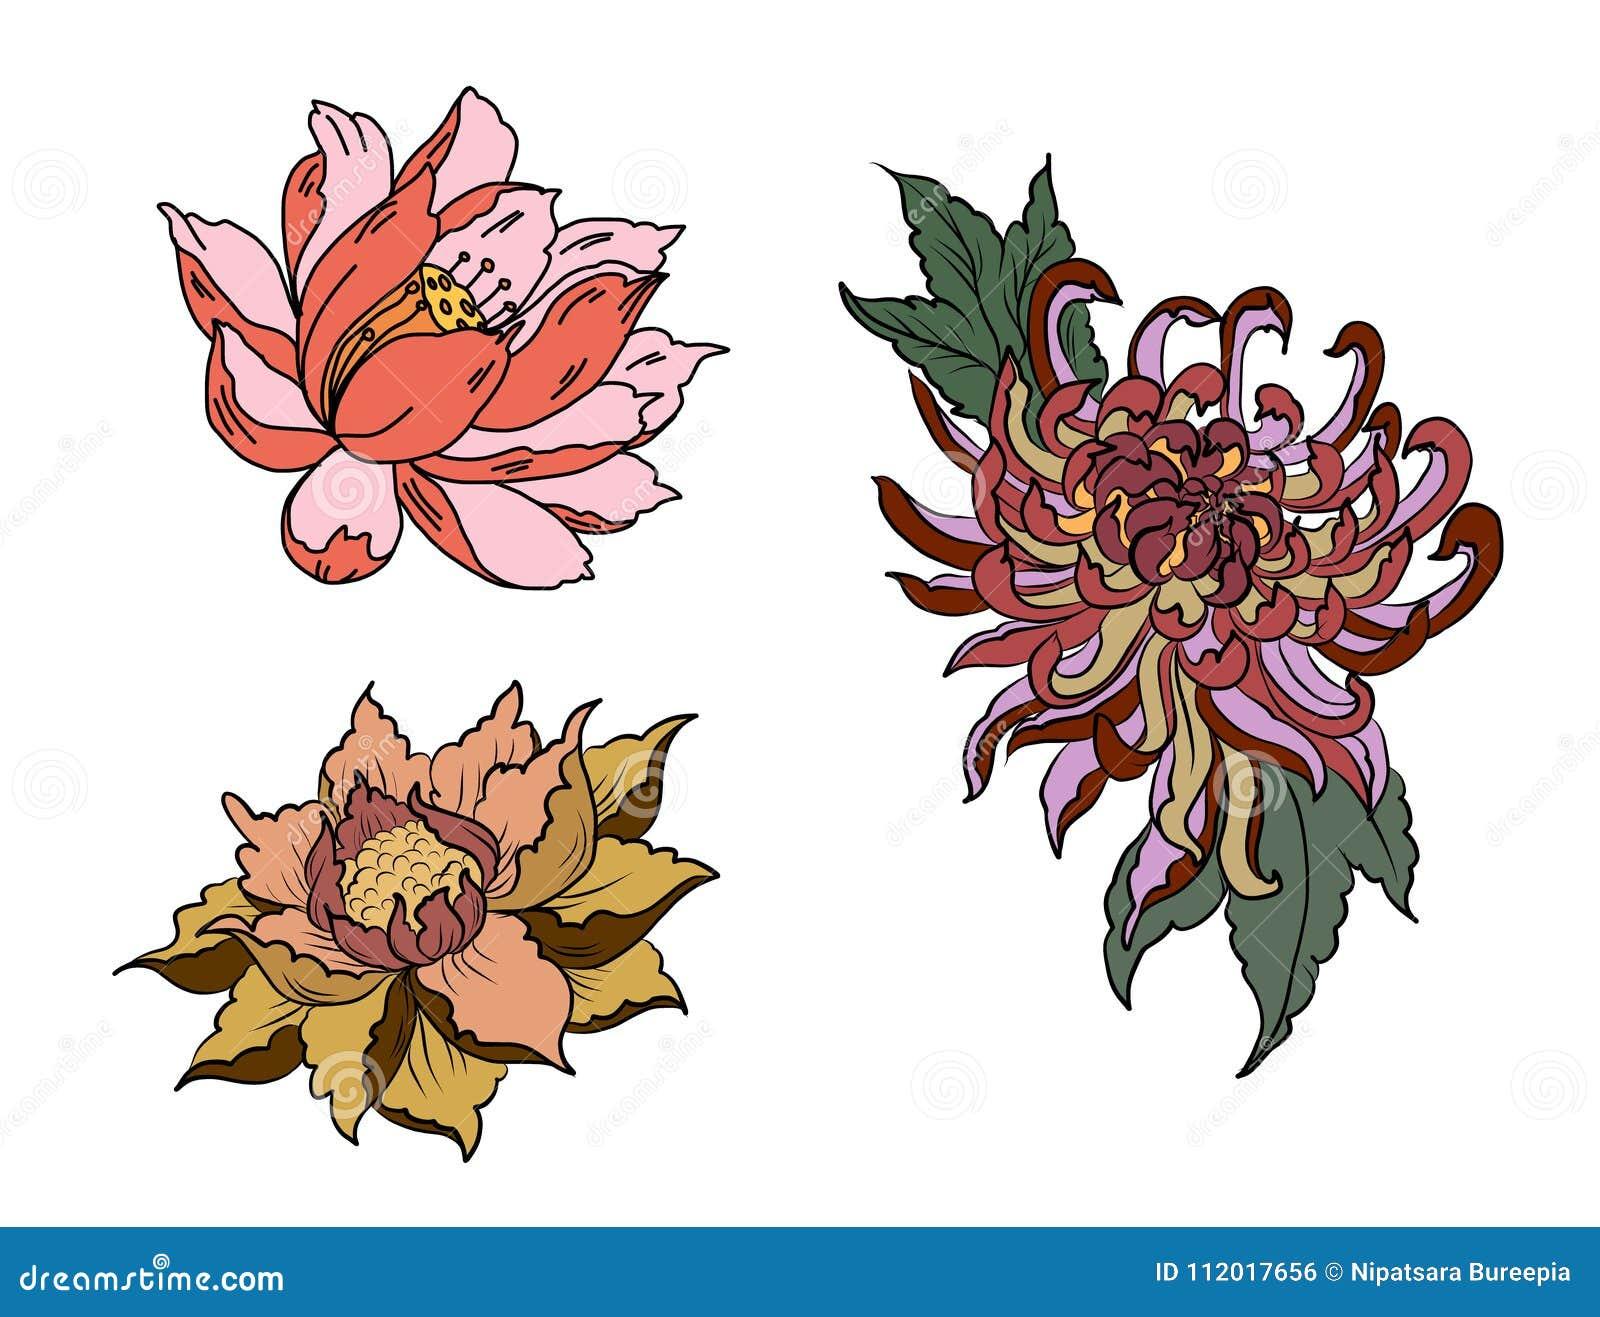 Hand drawn peony flowerlotus and chrysanthemum flower chinese style hand drawn peony flowerlotus and chrysanthemum flower chinese style vector artinese tattoo design pink peony flower garden decoration izmirmasajfo